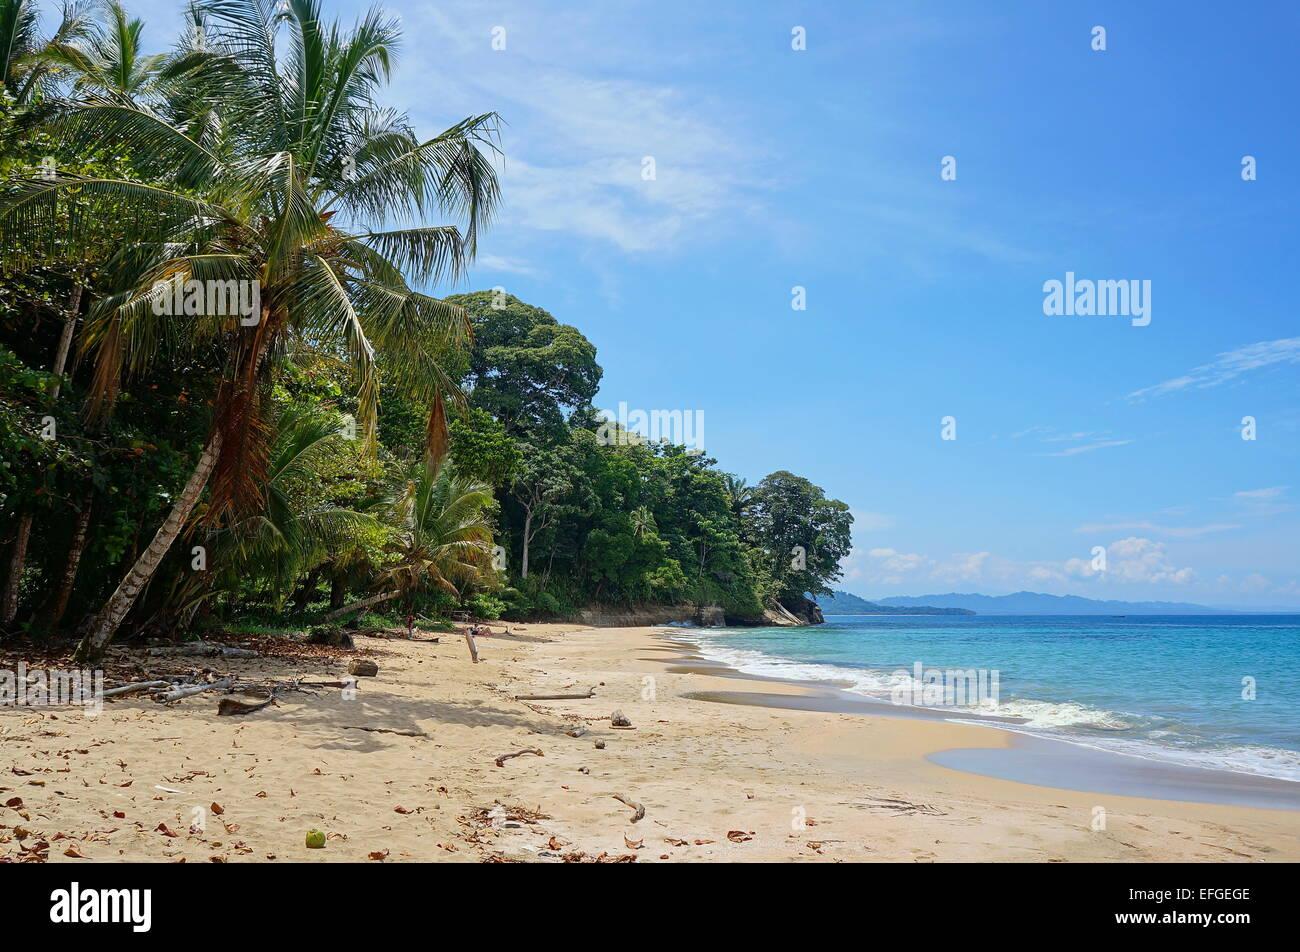 Plage des Caraïbes avec la végétation tropicale luxuriante au Costa Rica, Punta Uva, Puerto Viejo Photo Stock